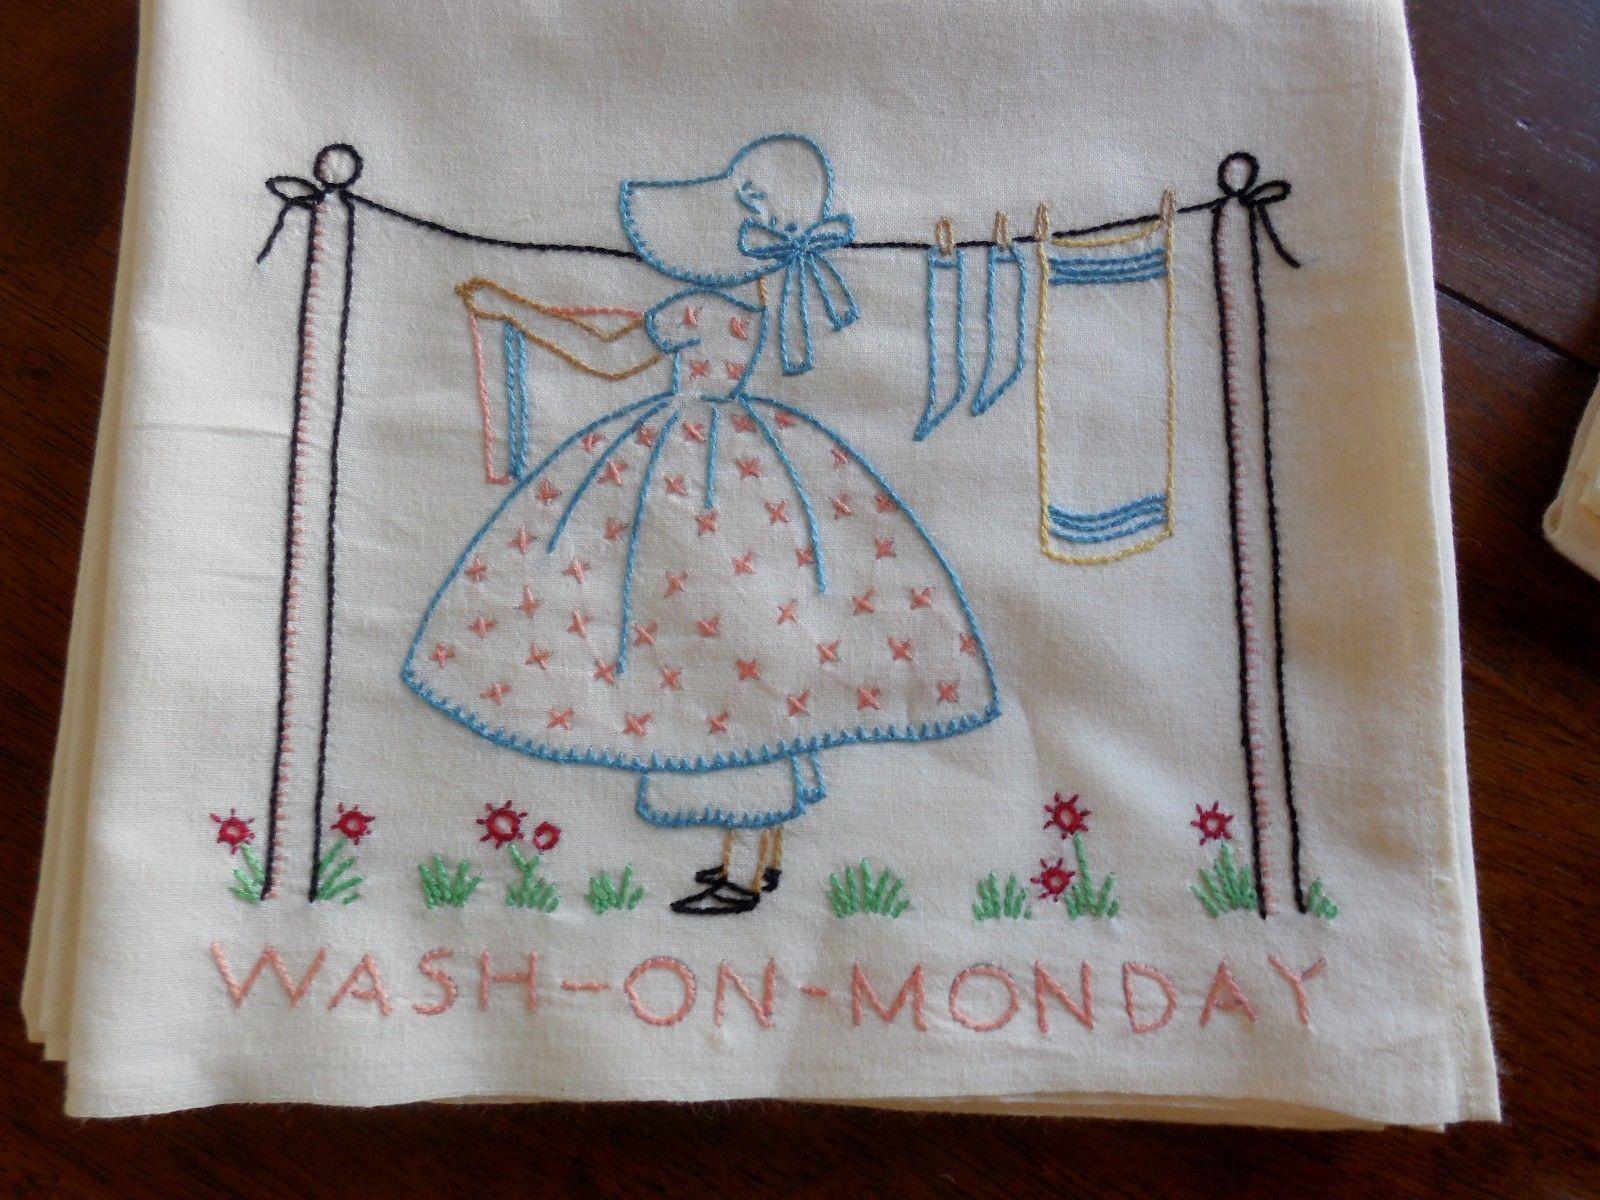 Vintage sun bonnet sue embroidered kitchen tea towels days of the vintage sun bonnet sue embroidered kitchen tea towels days of the week bankloansurffo Images